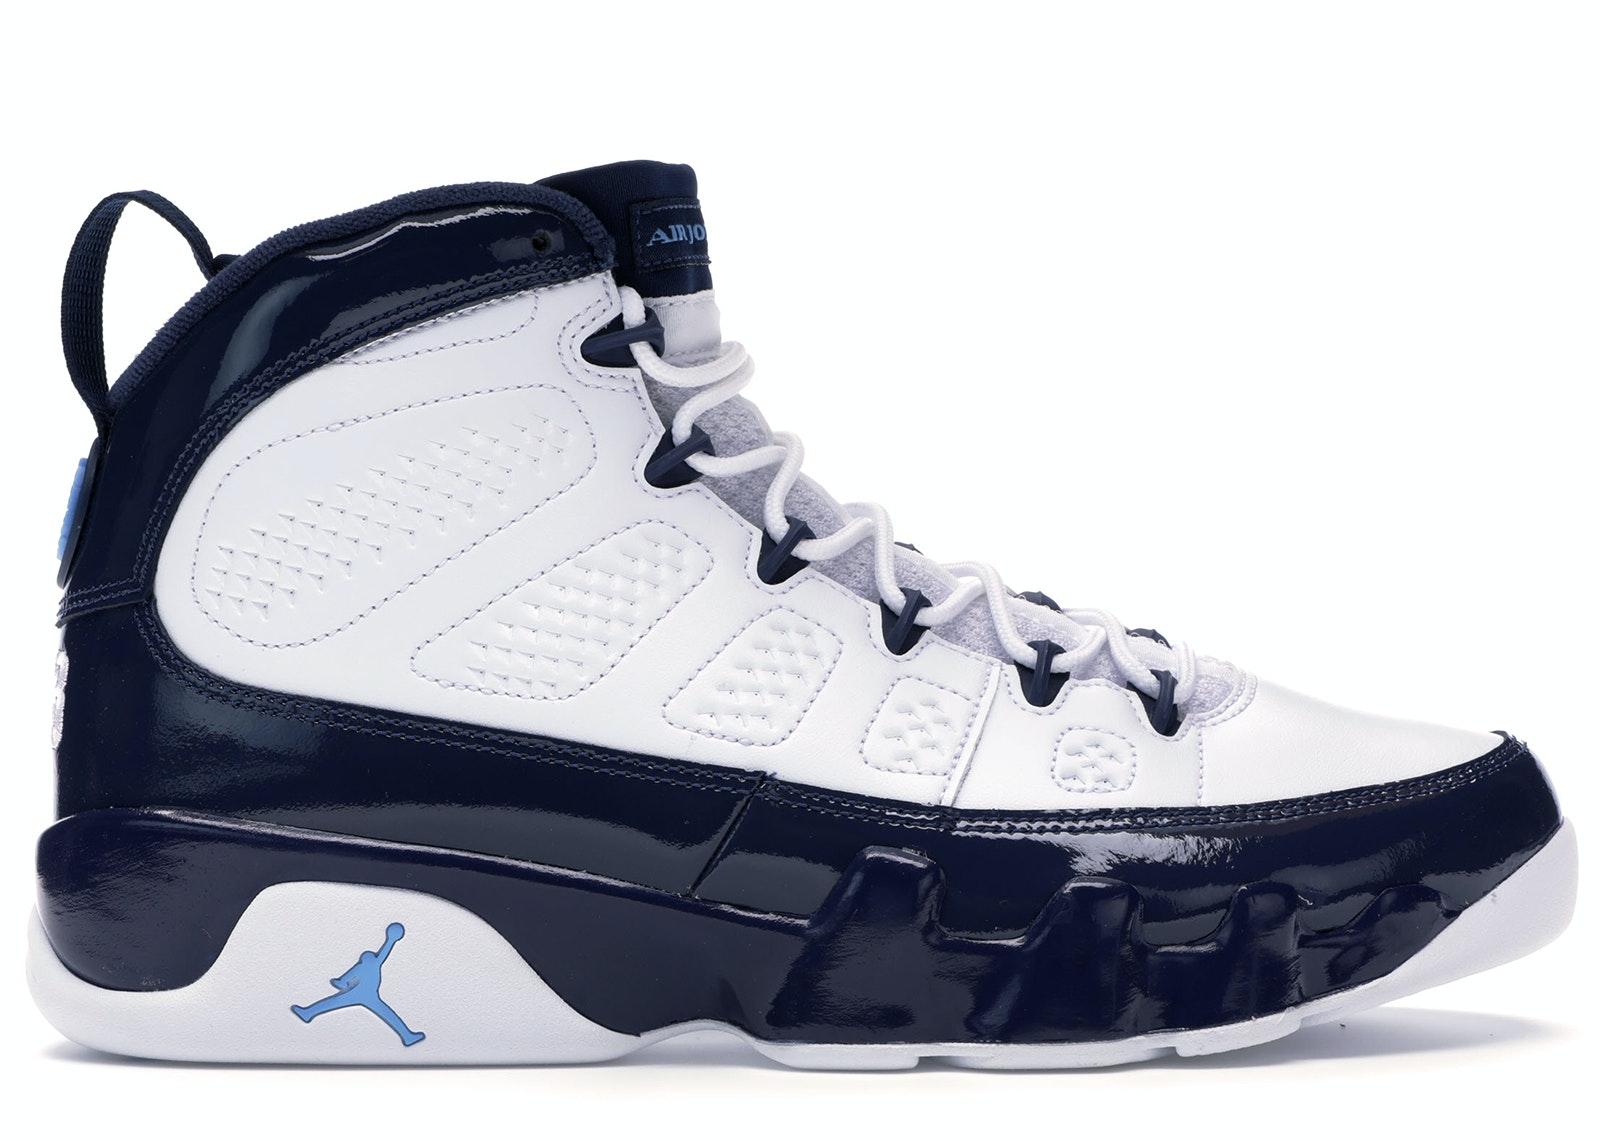 Jordan 9 Retro Pearl Blue